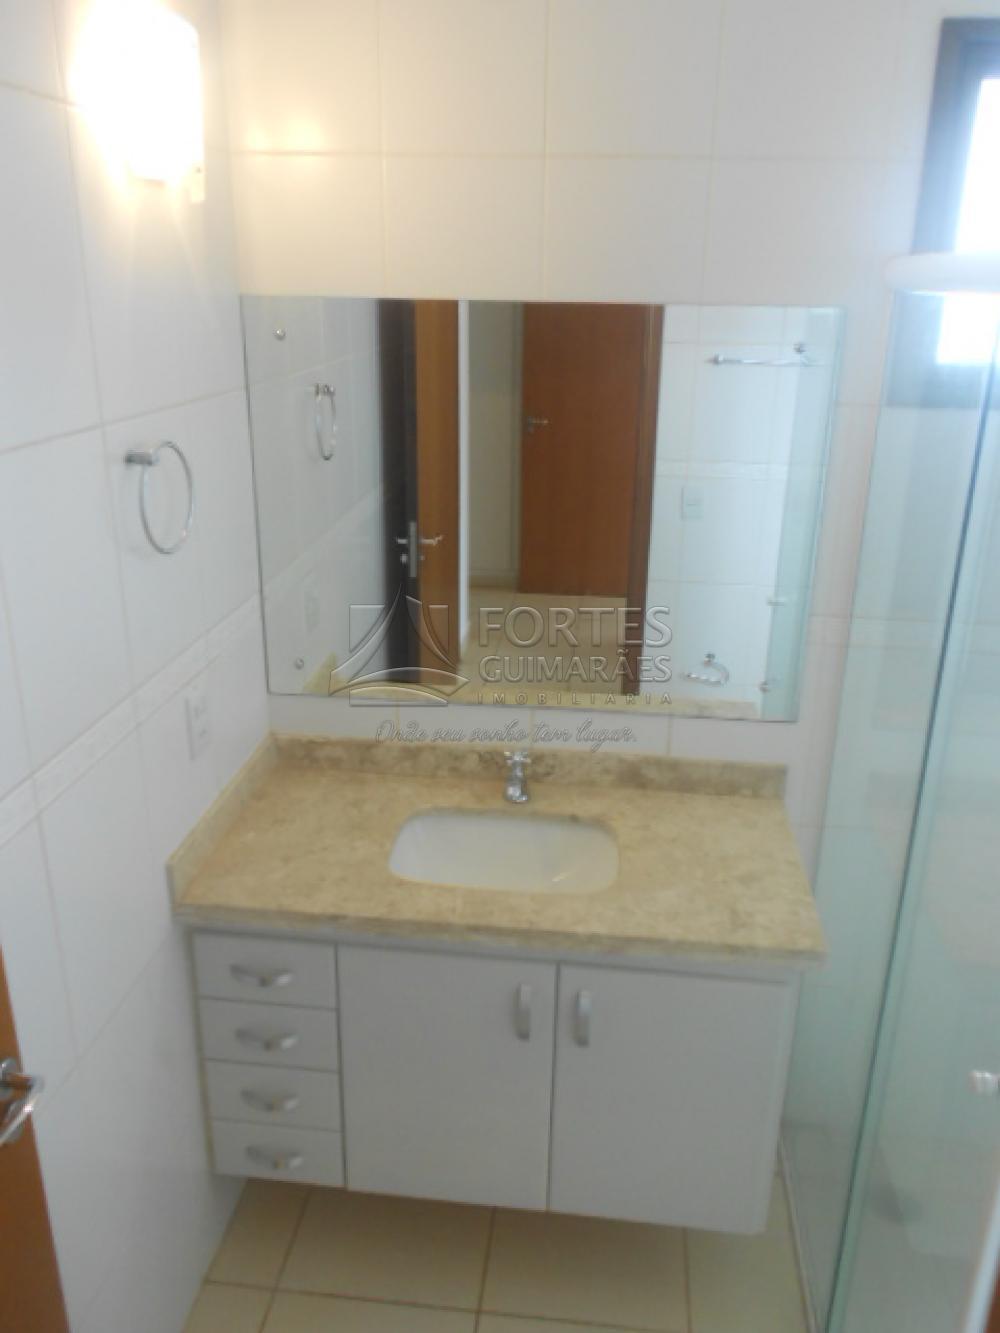 Alugar Apartamentos / Padrão em Ribeirão Preto apenas R$ 1.300,00 - Foto 35